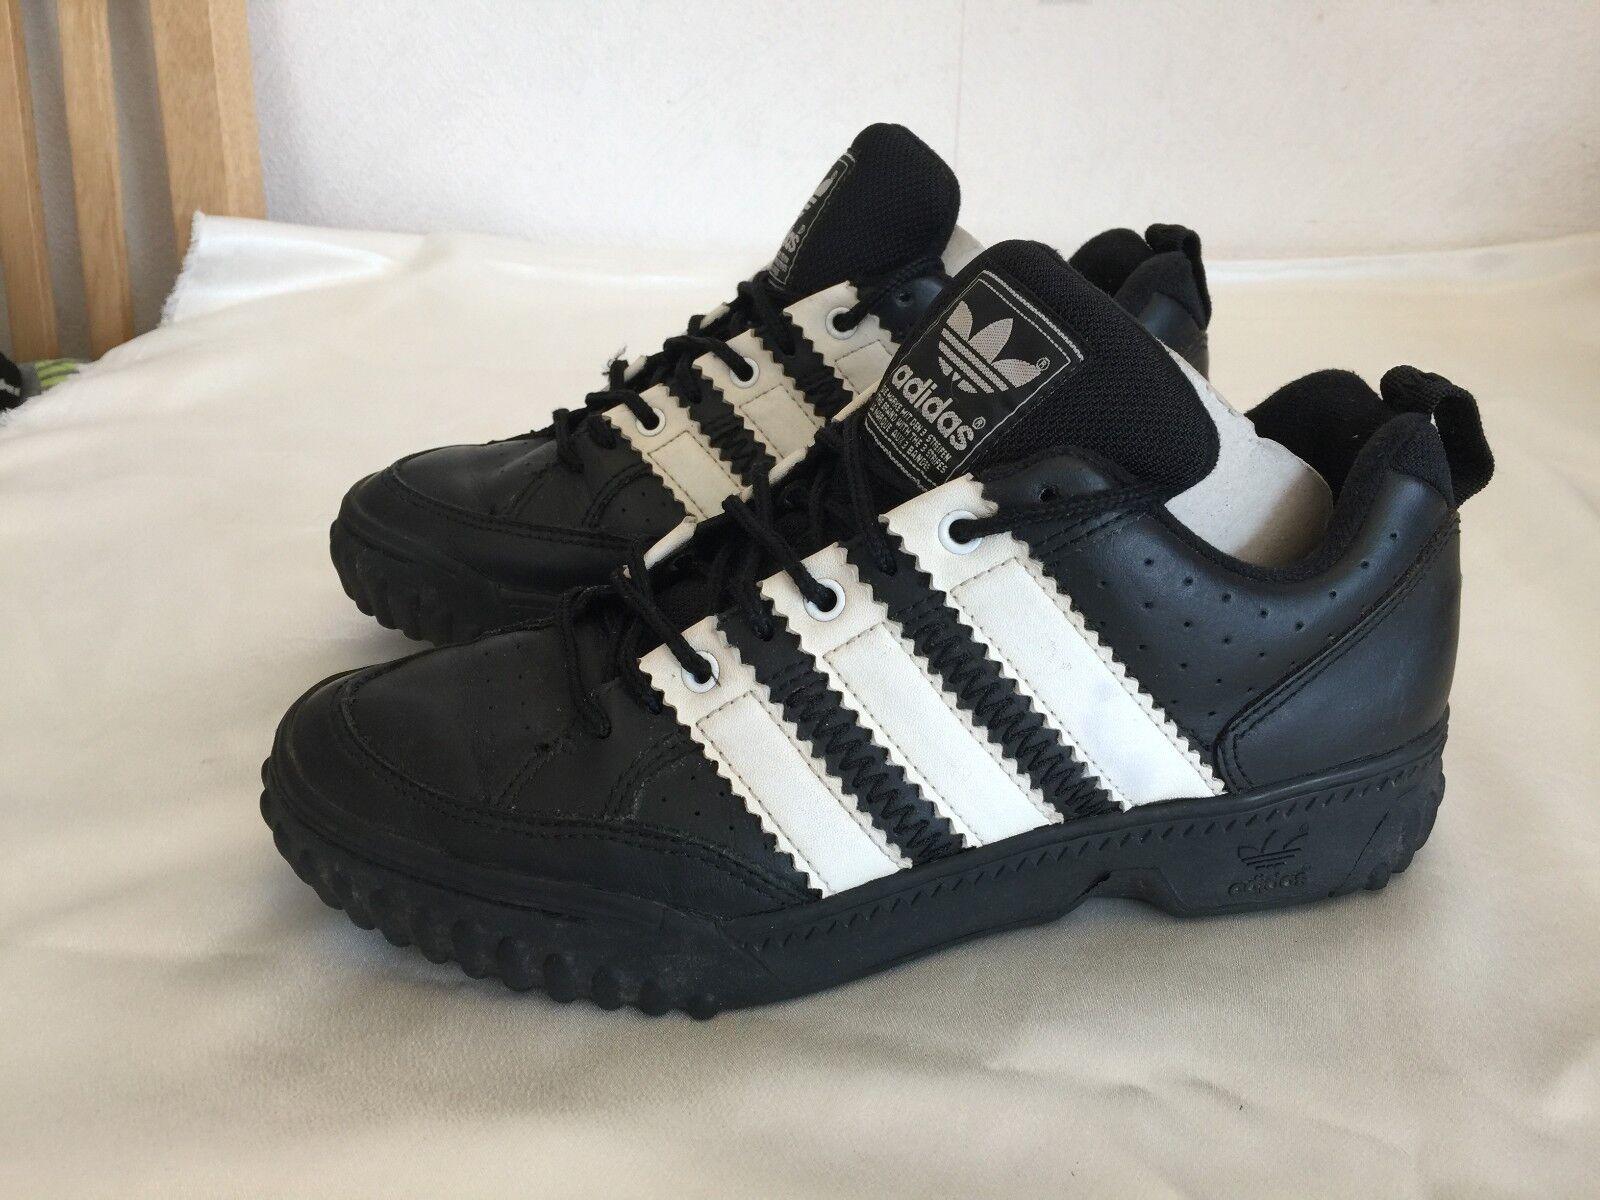 Vintage Adidas trainersTHE marca tres rayas 3 de rayas Coleccionable Original *